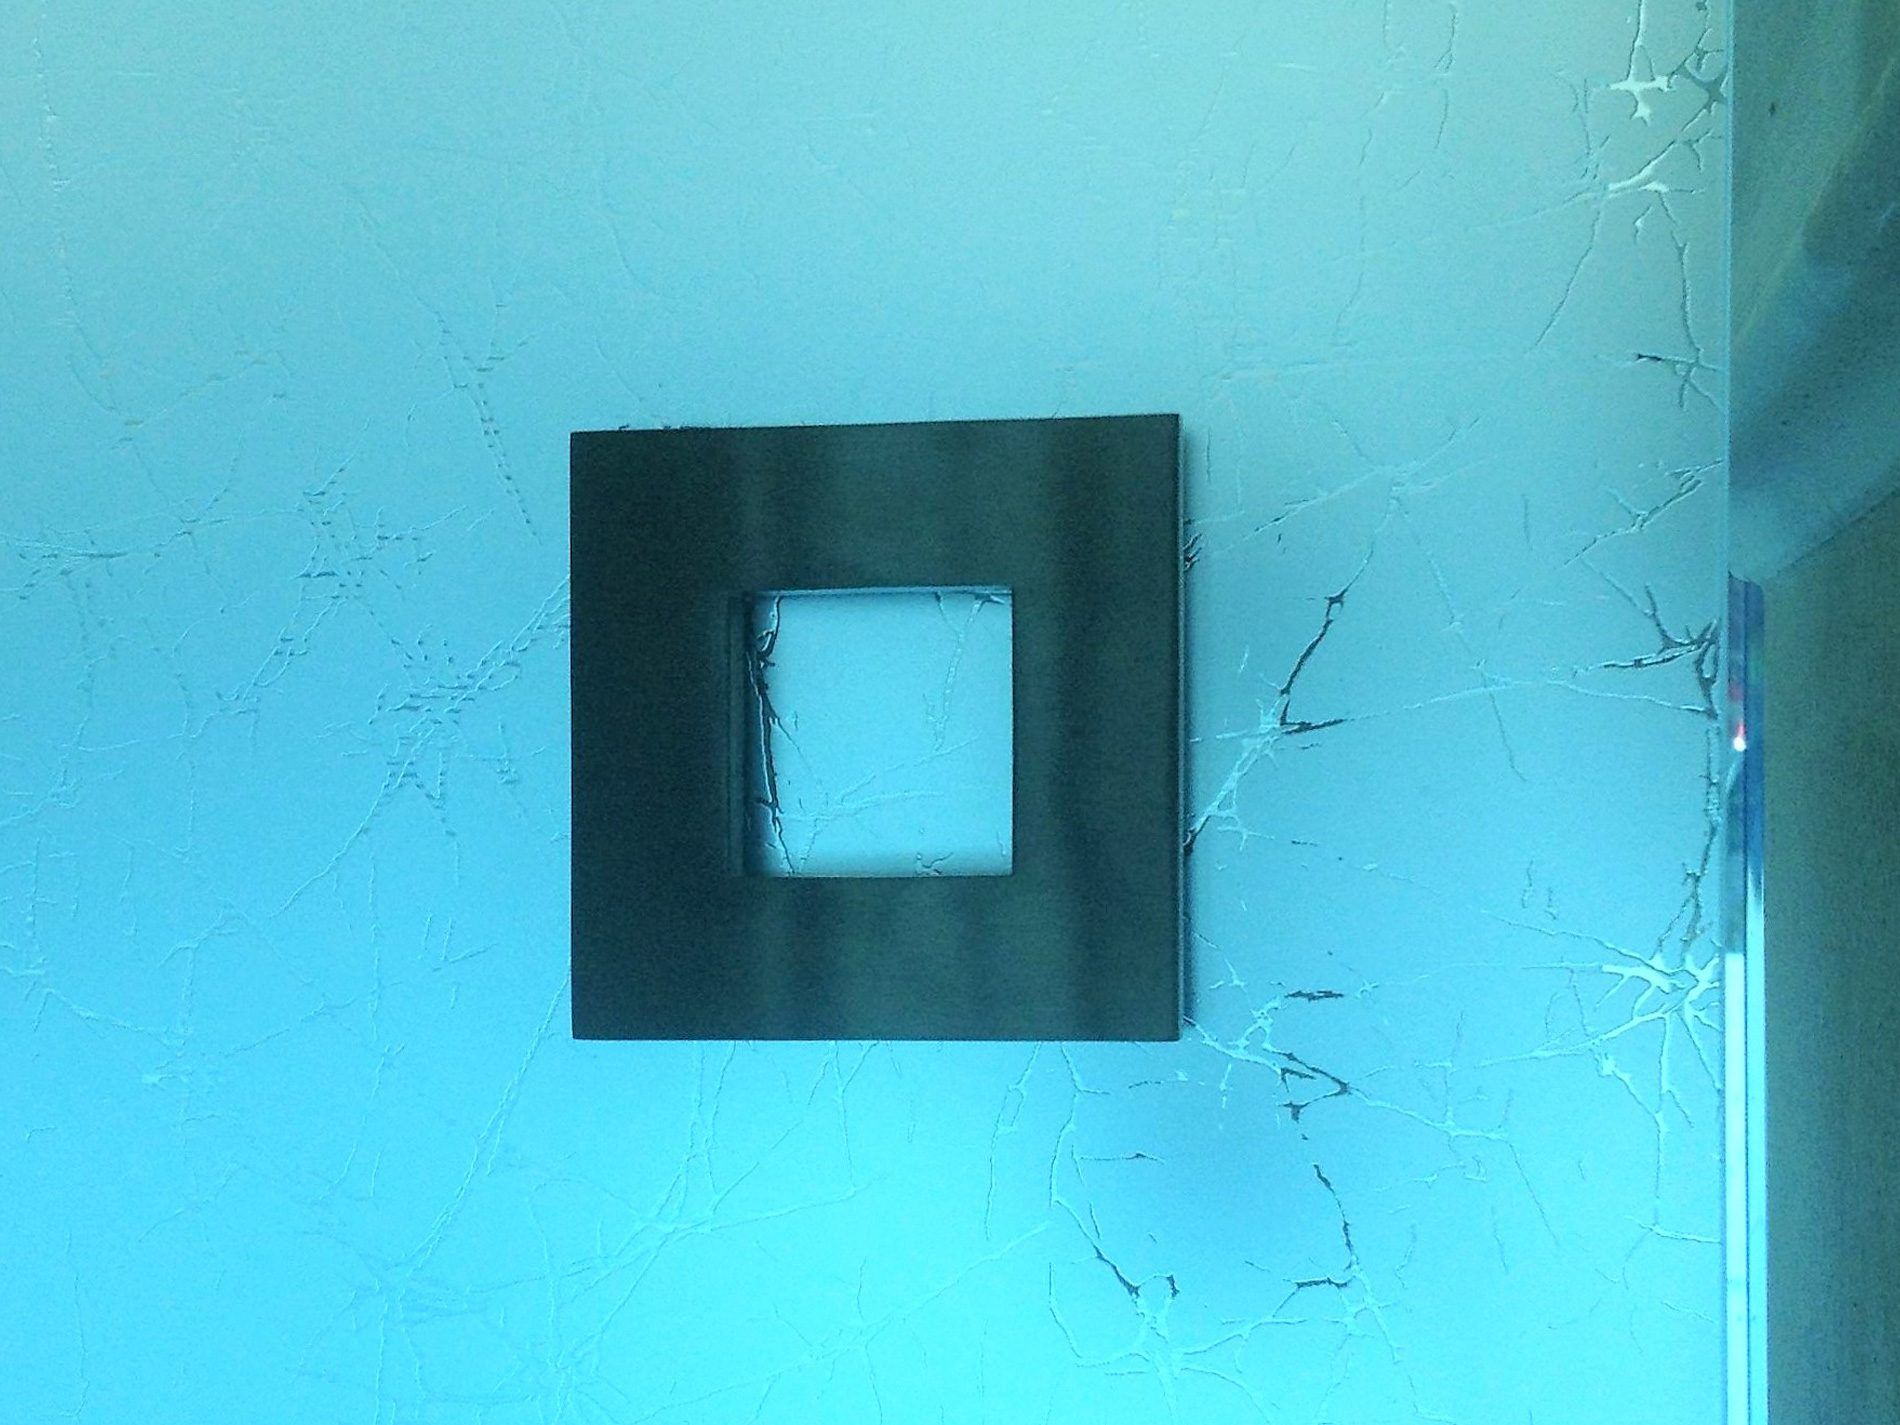 maniglia-vetreria-kroton-crotone